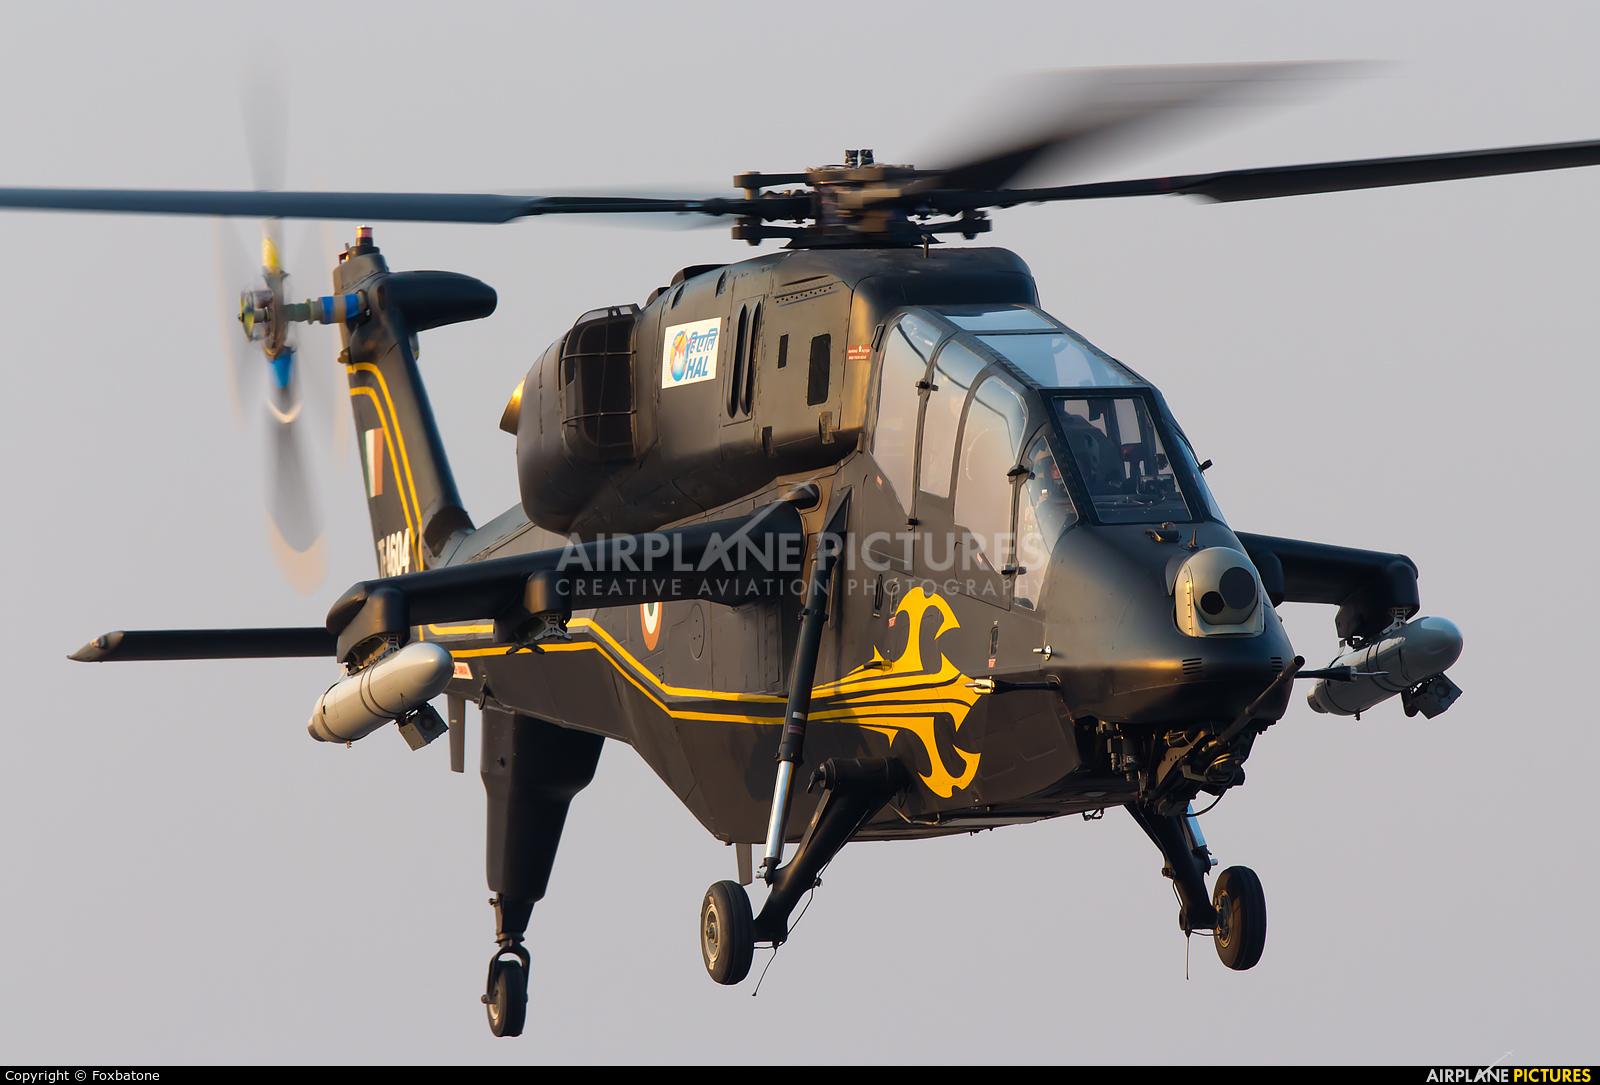 India - Air Force ZF4604 aircraft at Yelahanka AFB